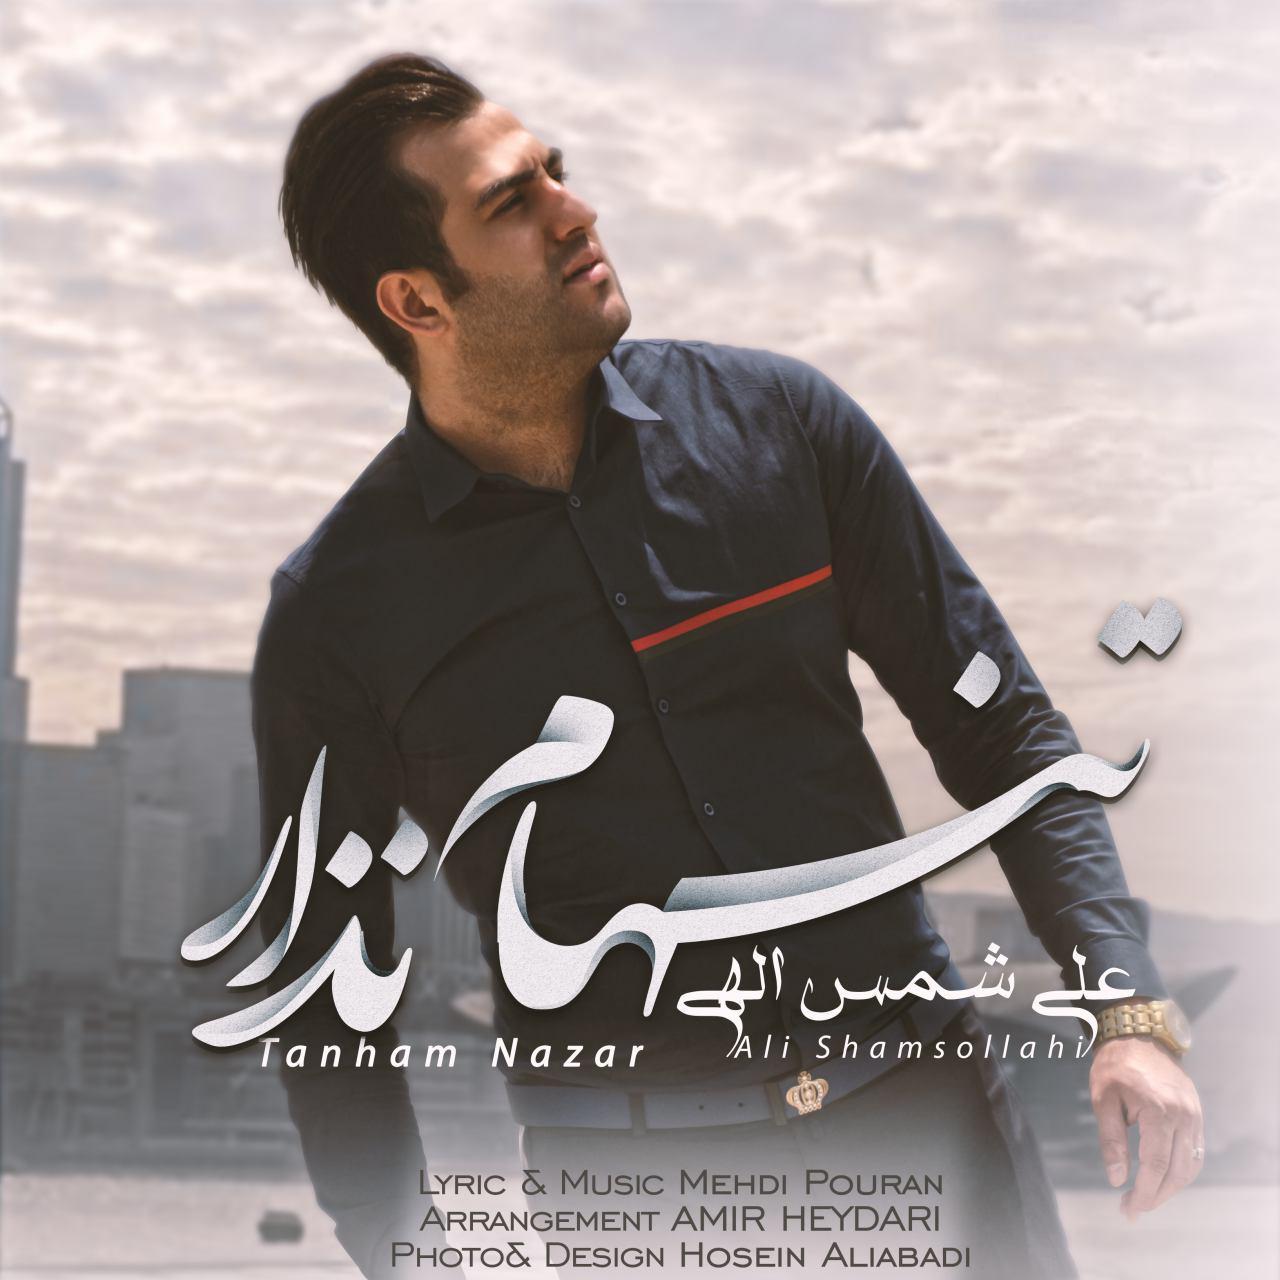 دانلود آهنگ جدید علی شمس الهی به نام تنهام نزار